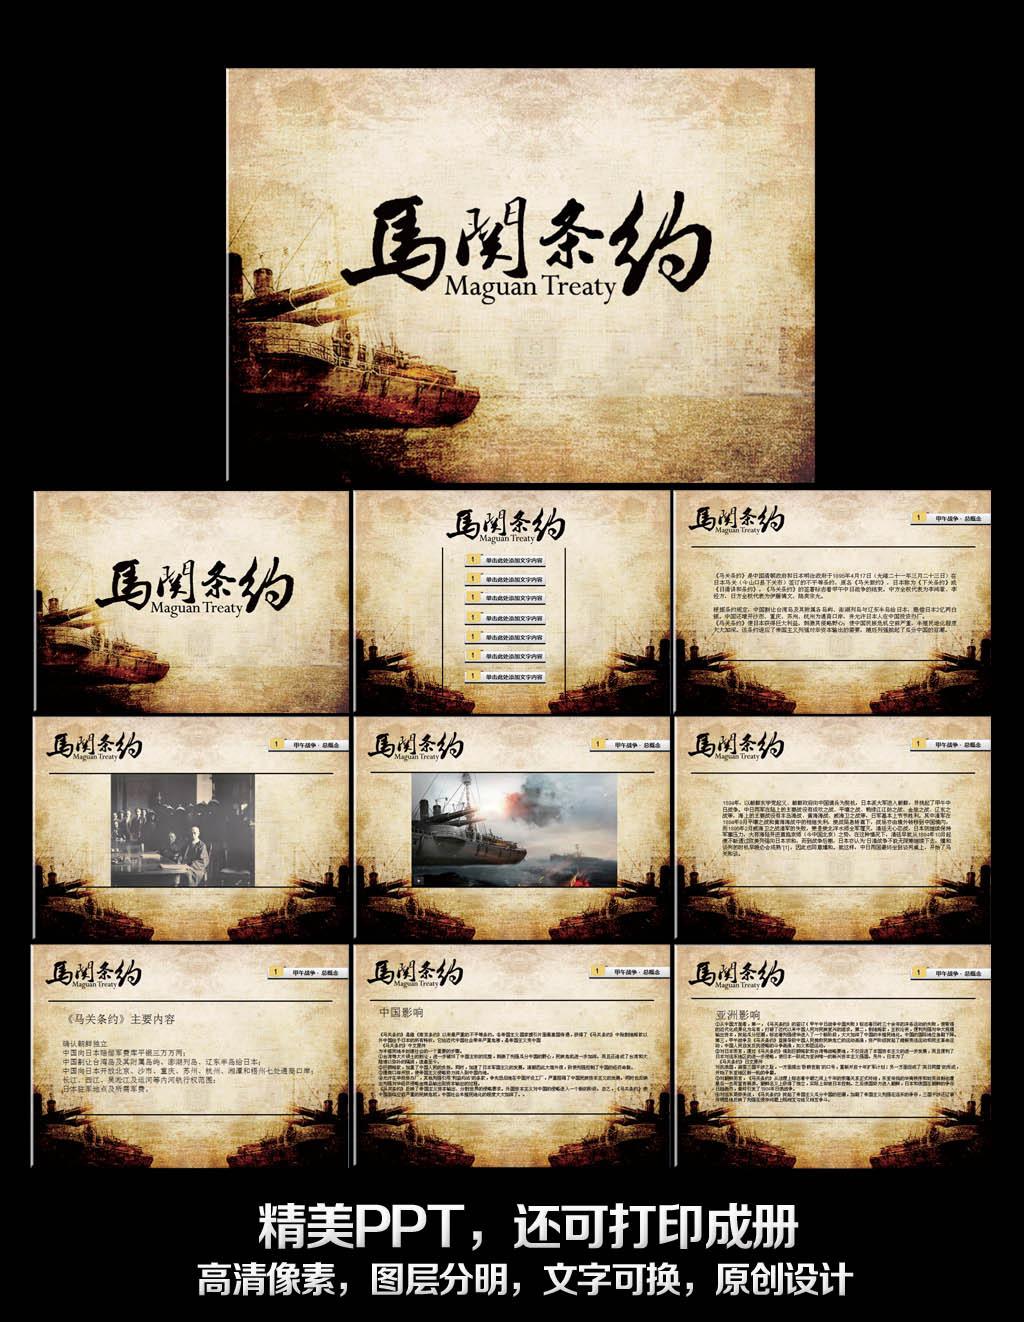 精品甲午中日战争ppt之马关条约2图片